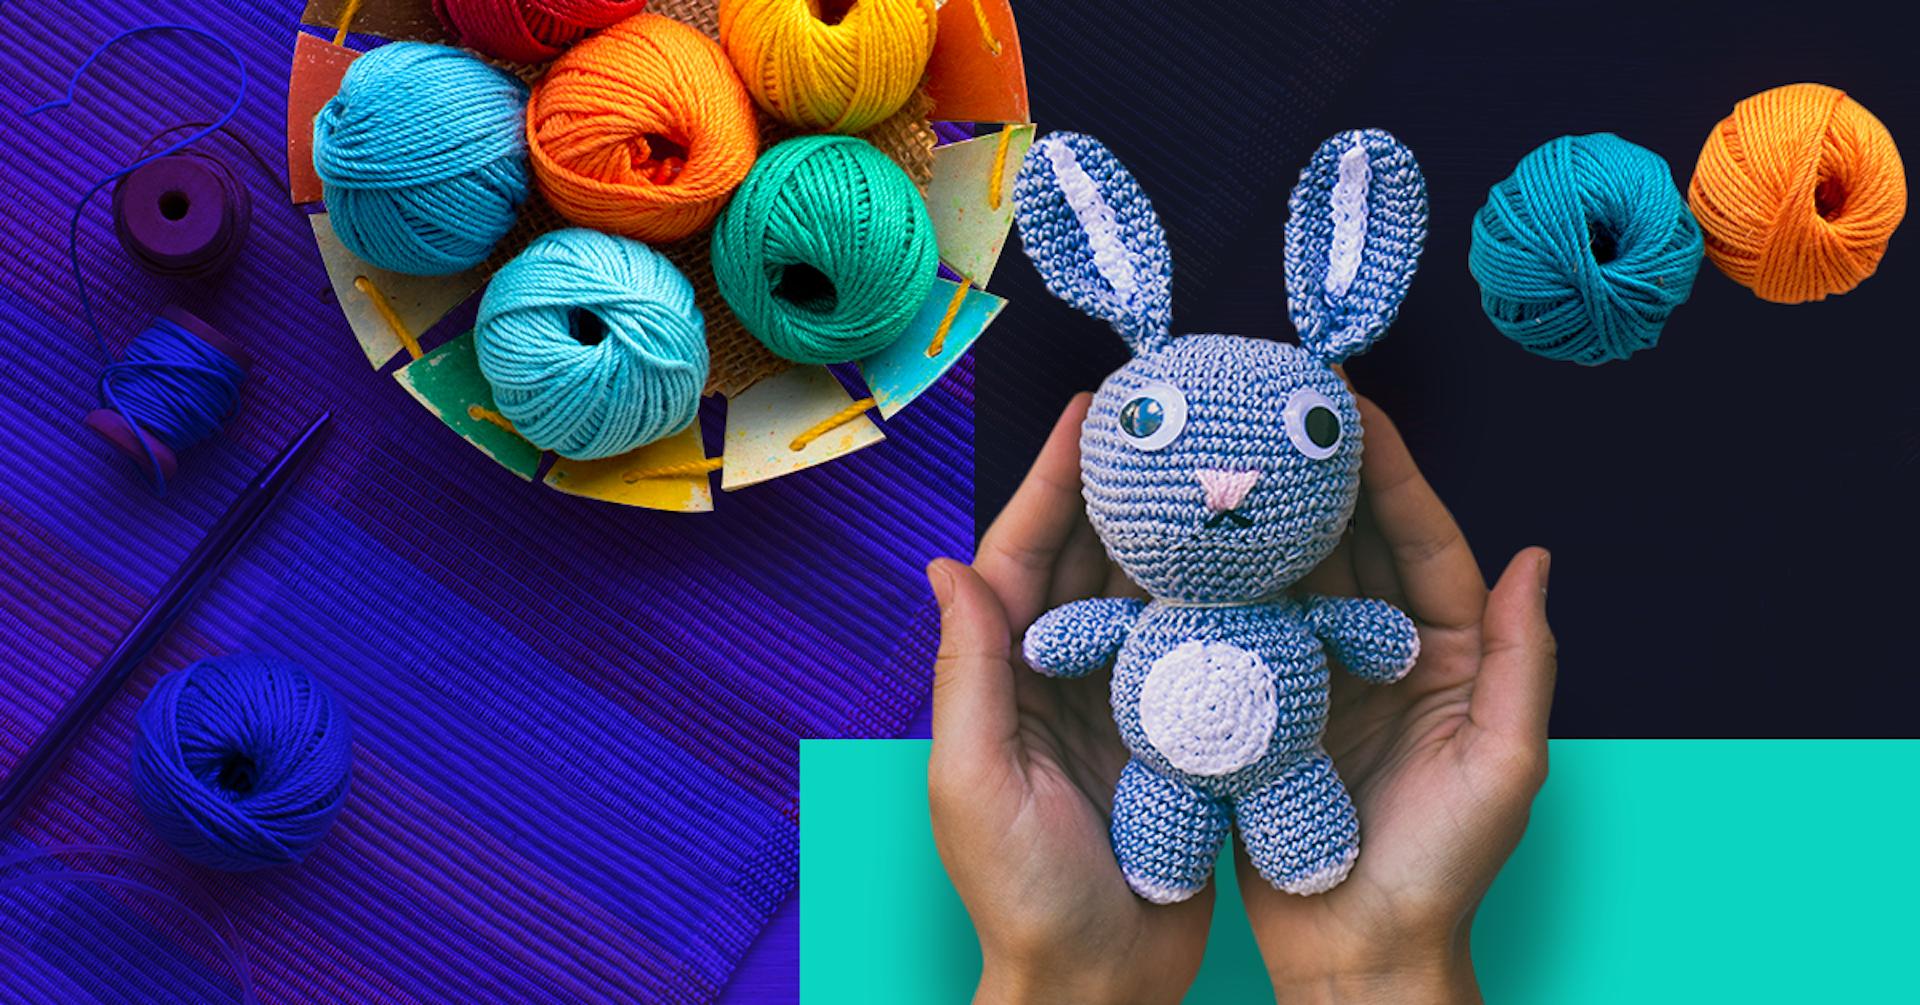 5 ideas originales de manualidades a crochet: bienvenido al mundo DIY